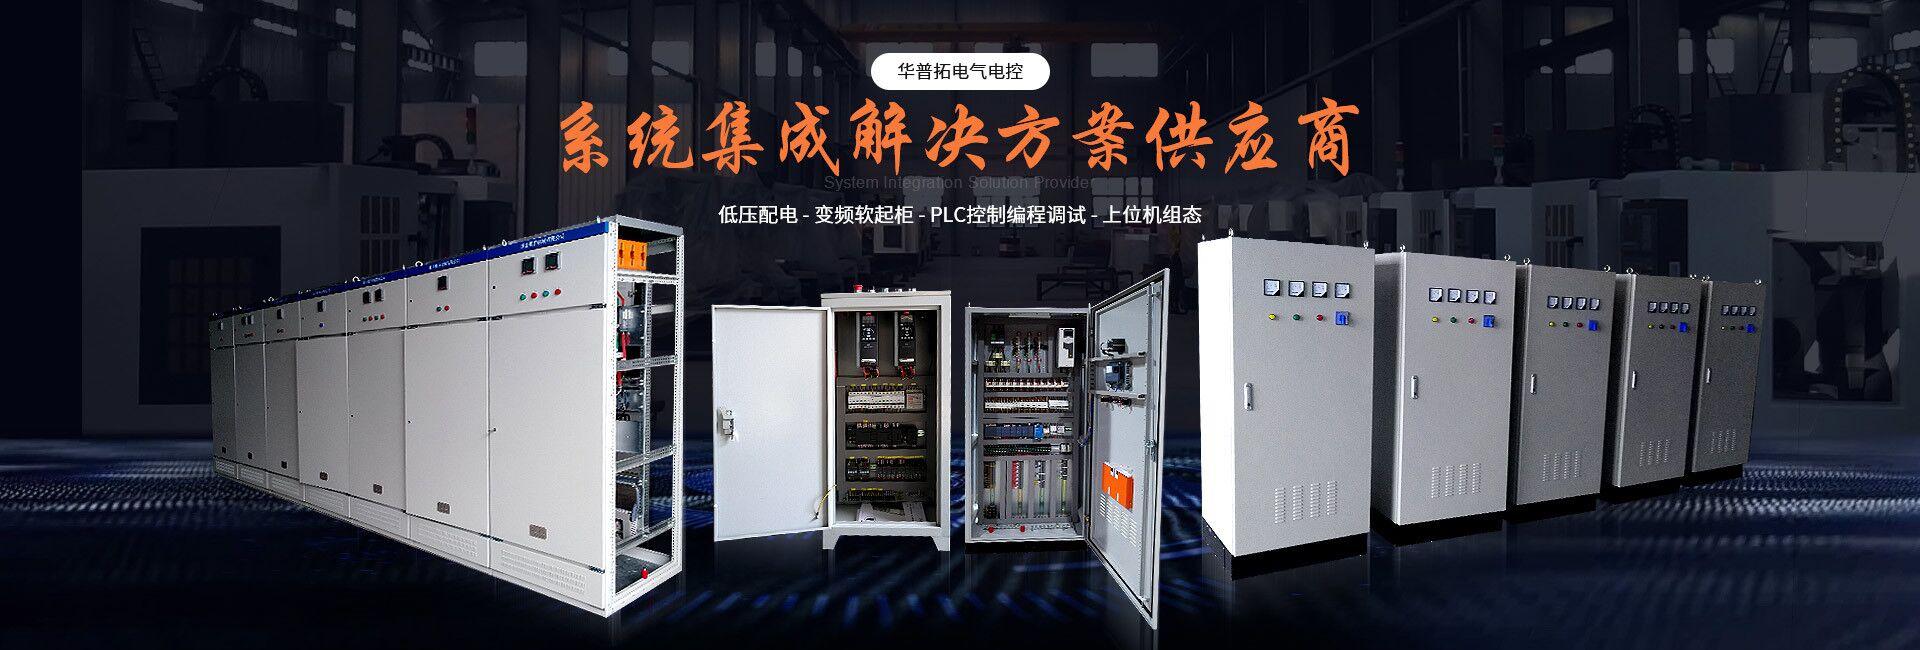 华普拓电气电控系统集成解决方案供应商